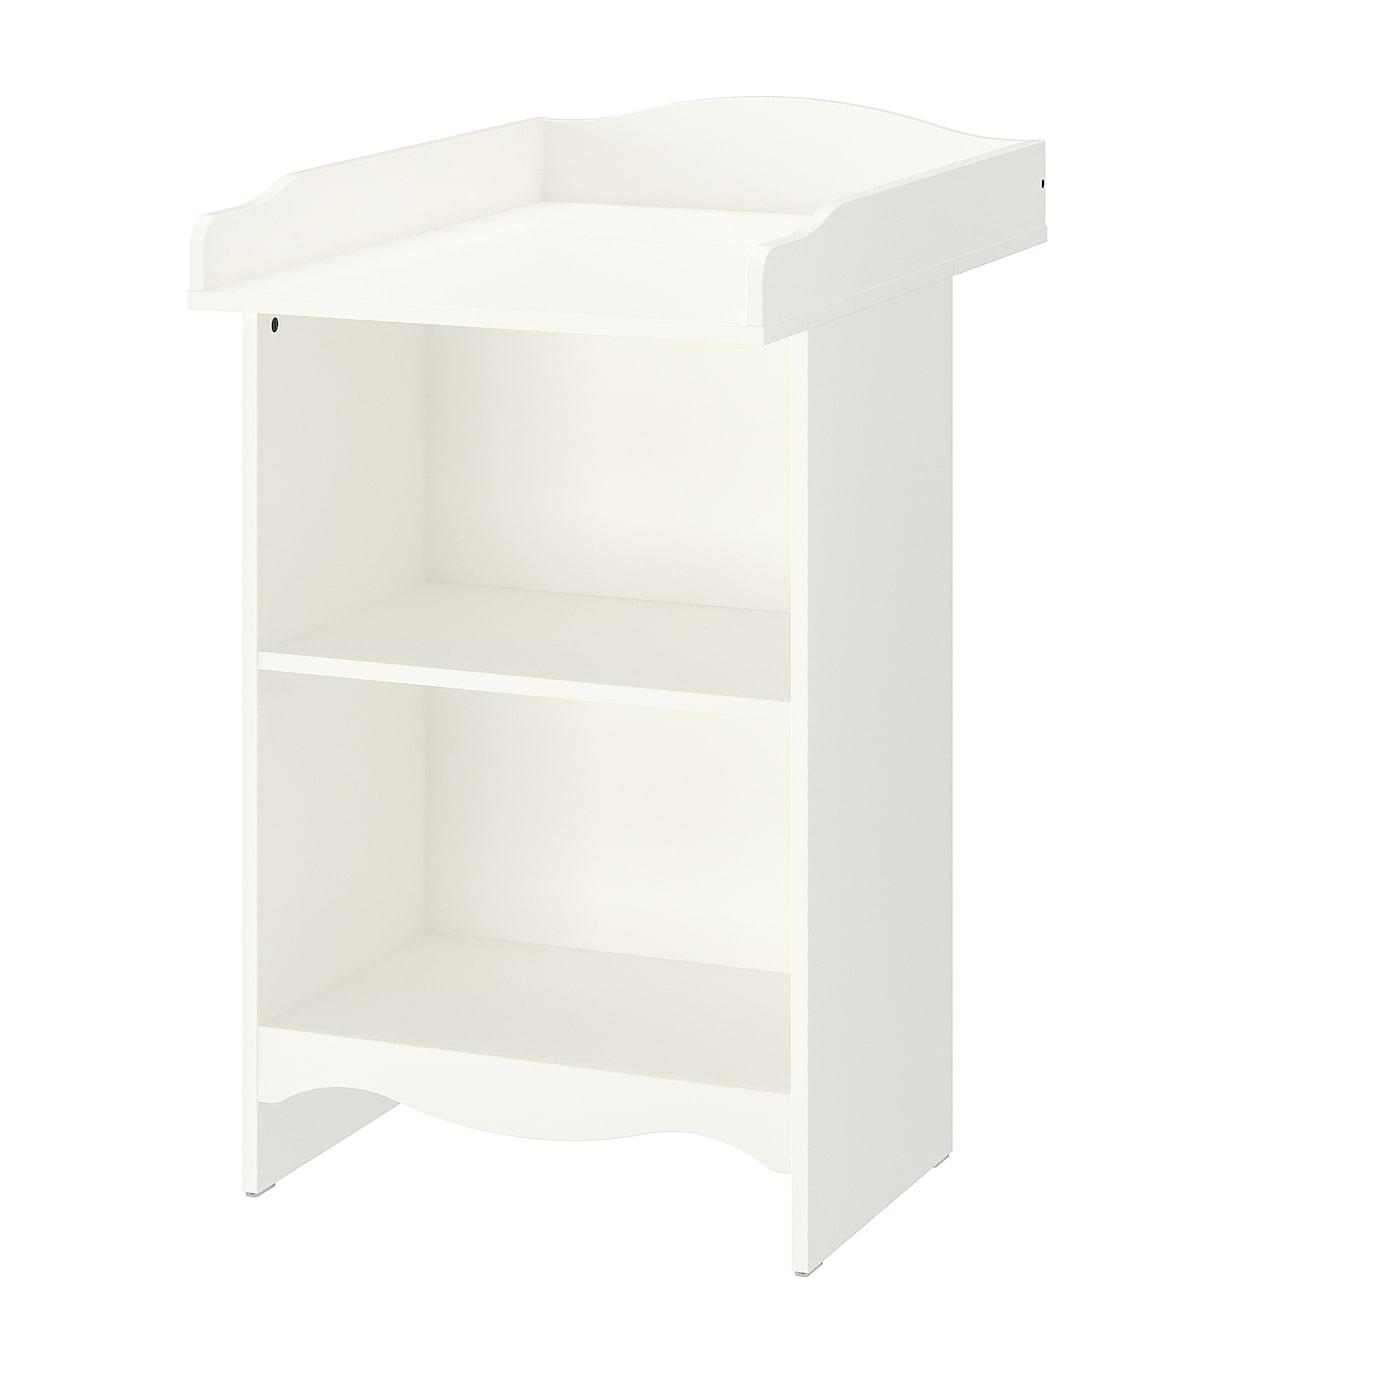 IKEA SMÅGÖRA Stolik do przewijania/regał, biały